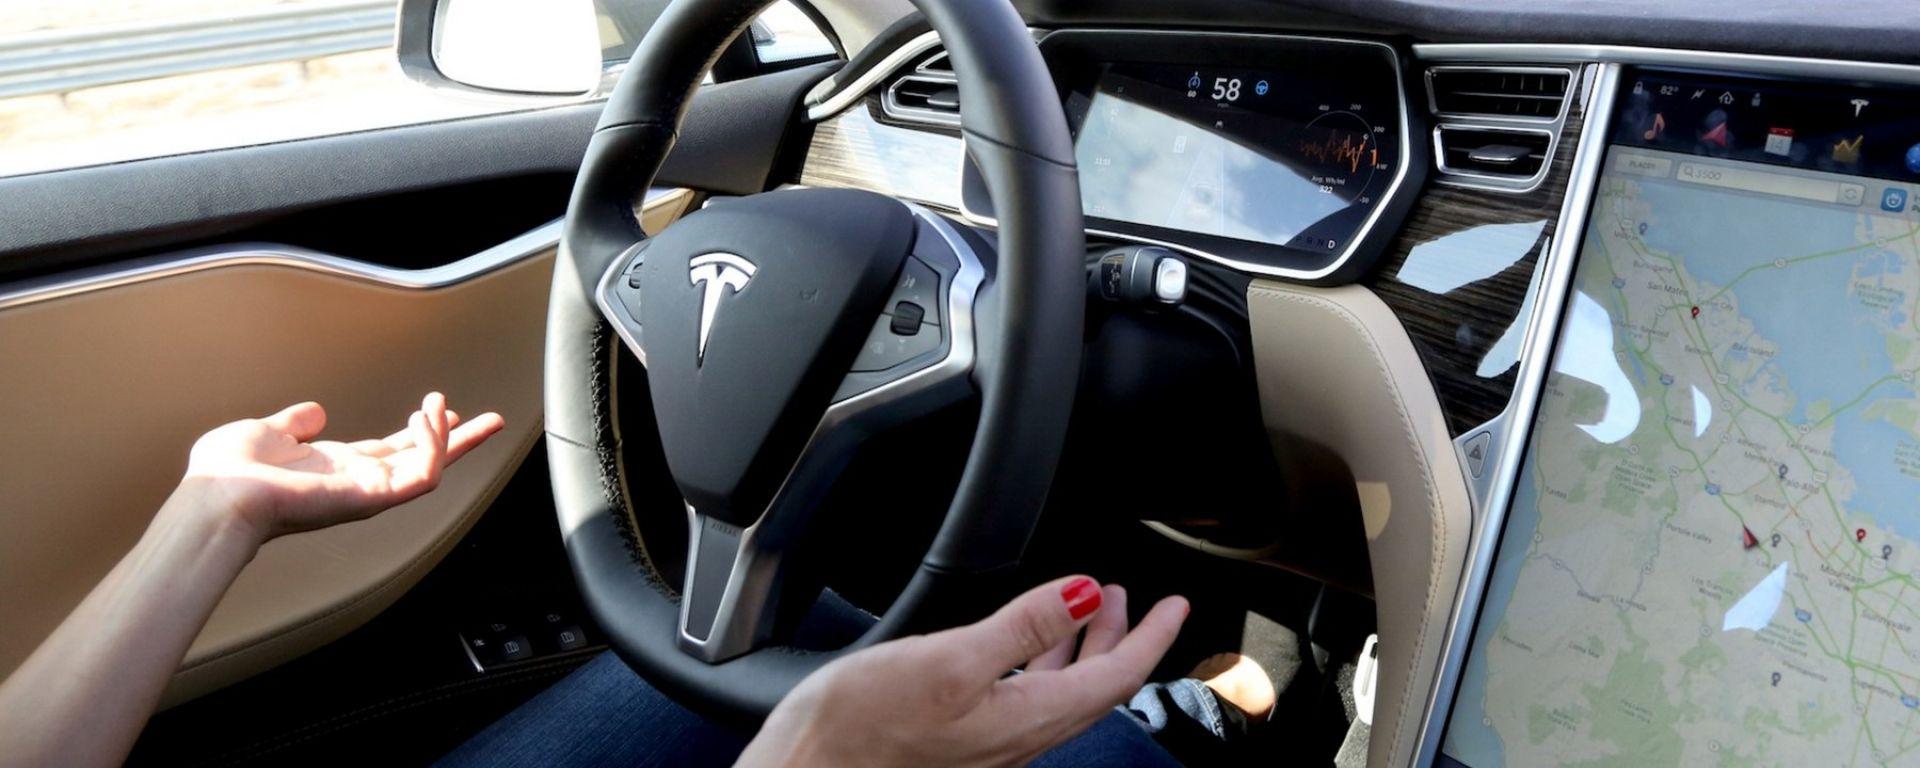 Elon Musk sull'incidente della Tesla: l'autopilot della Model X era disattivato